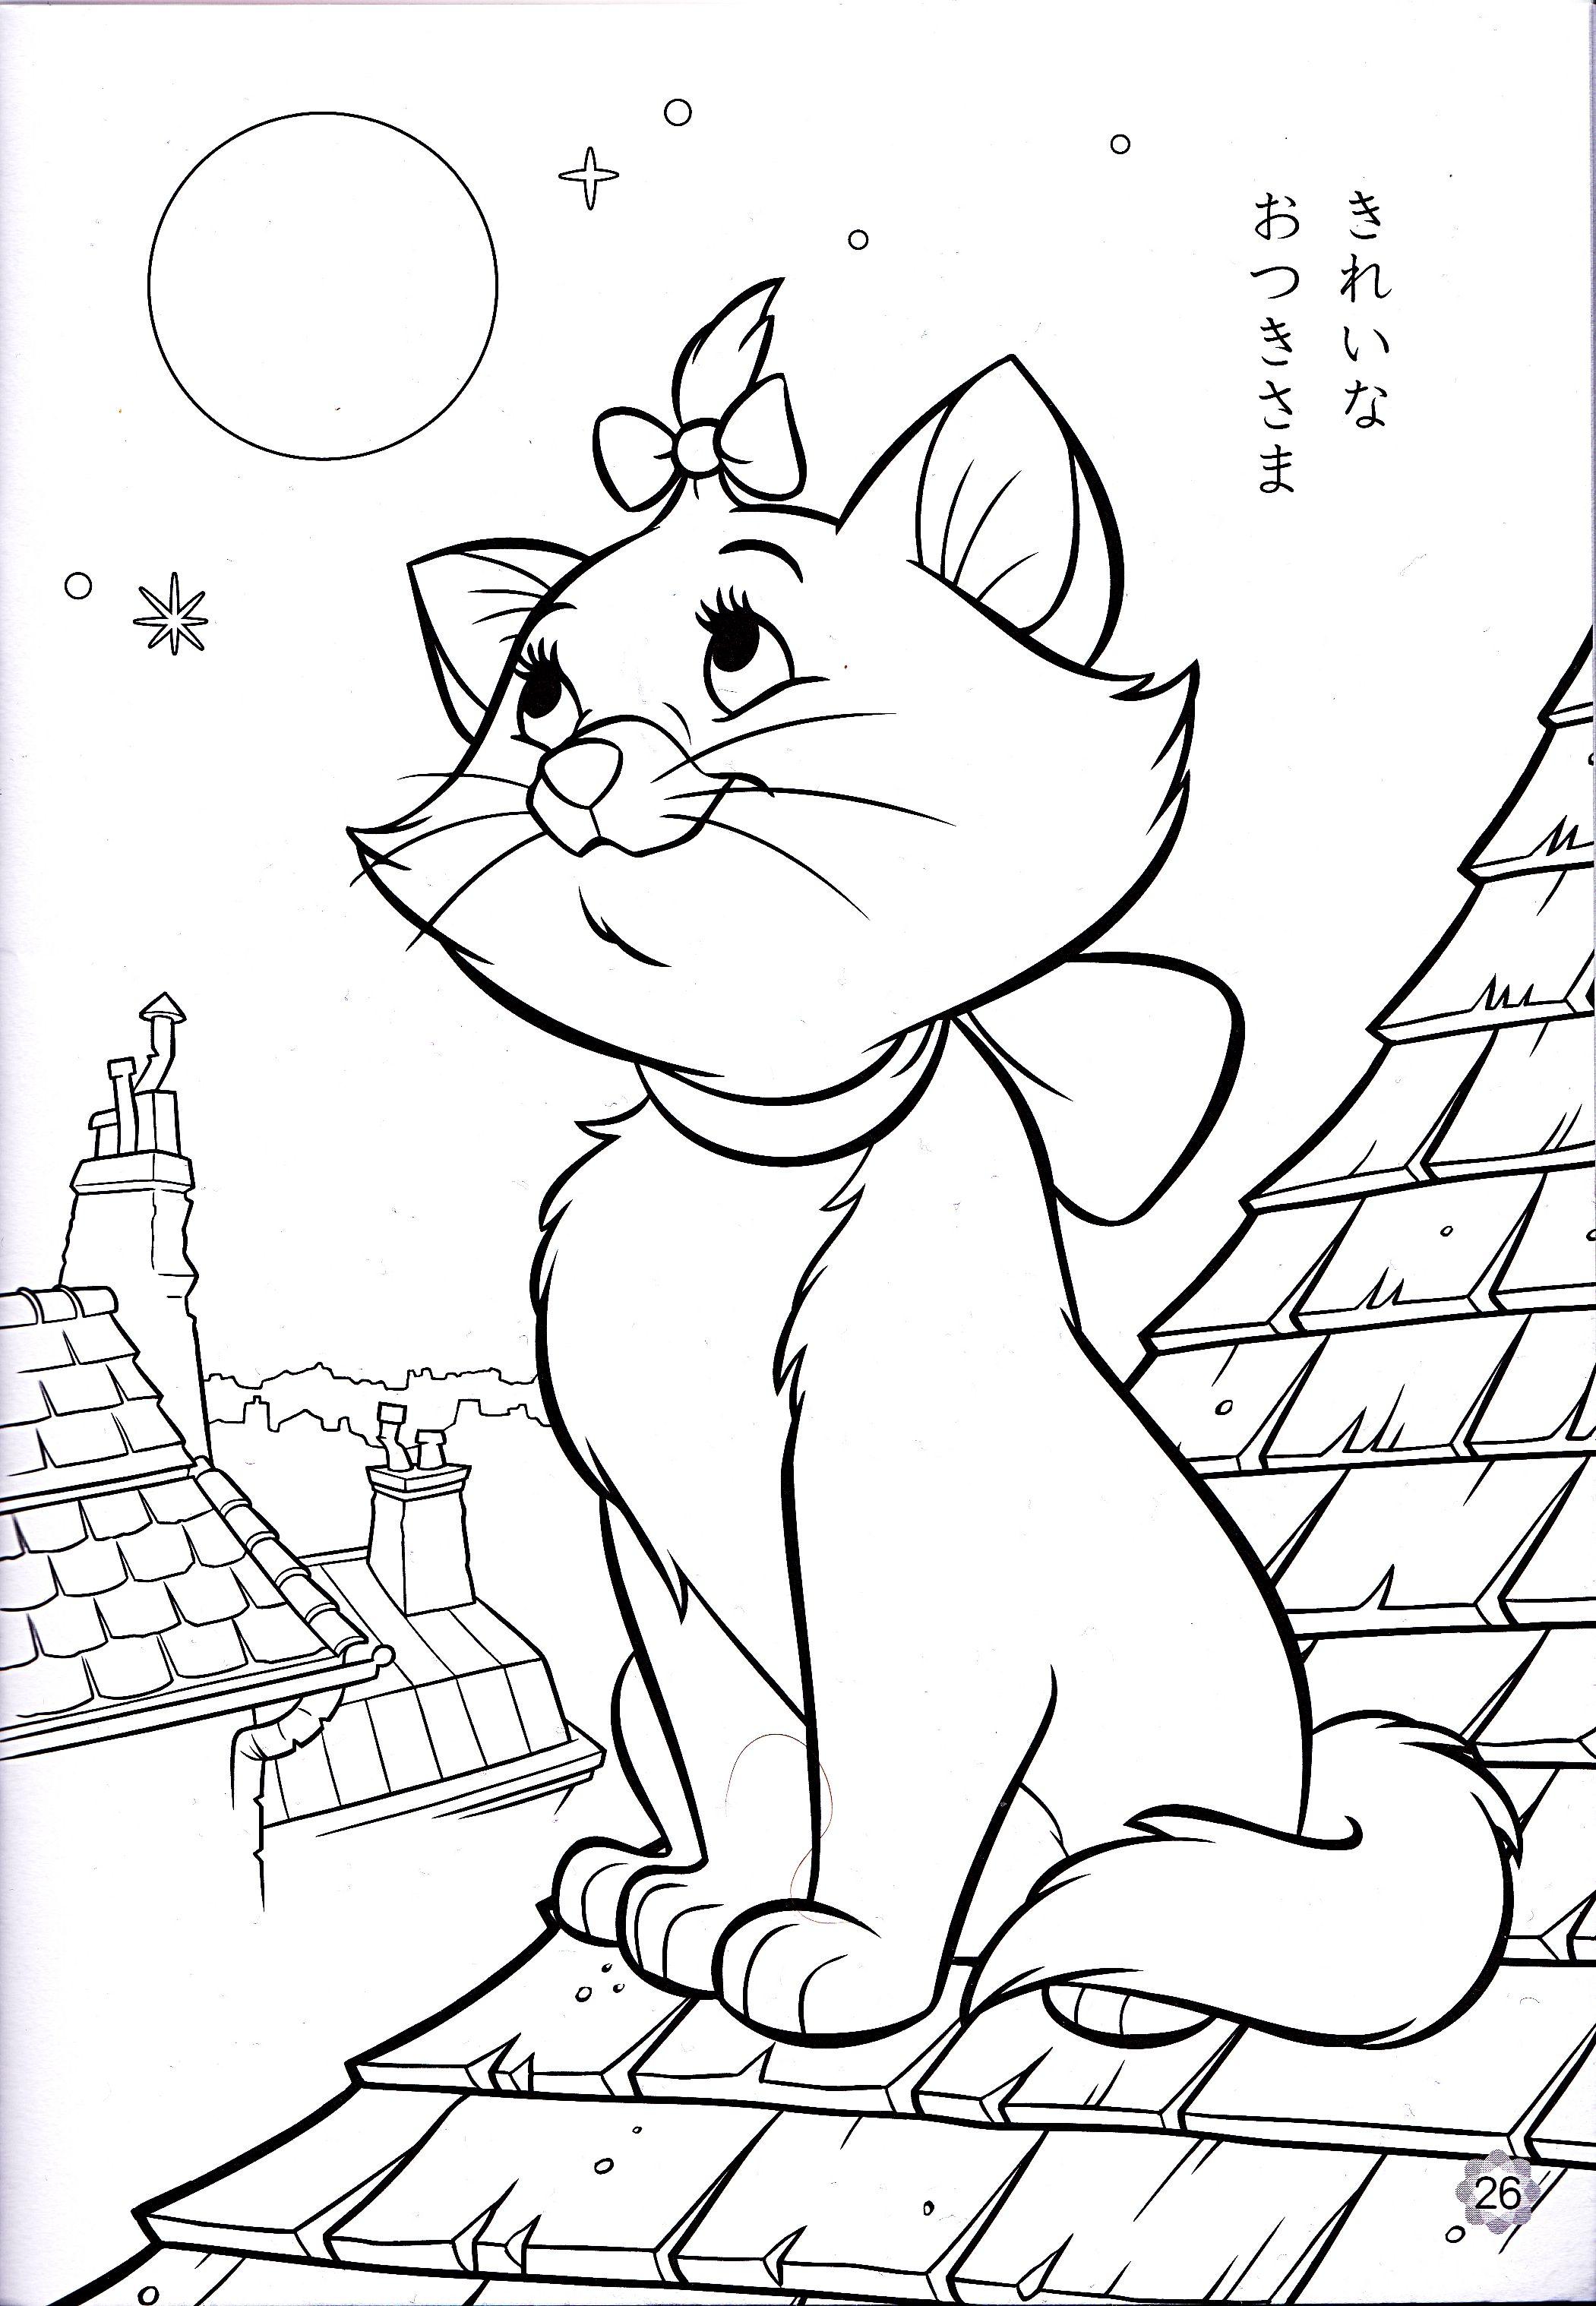 Disney Ariel Coloring Pages   Walt-disney-coloring-pages